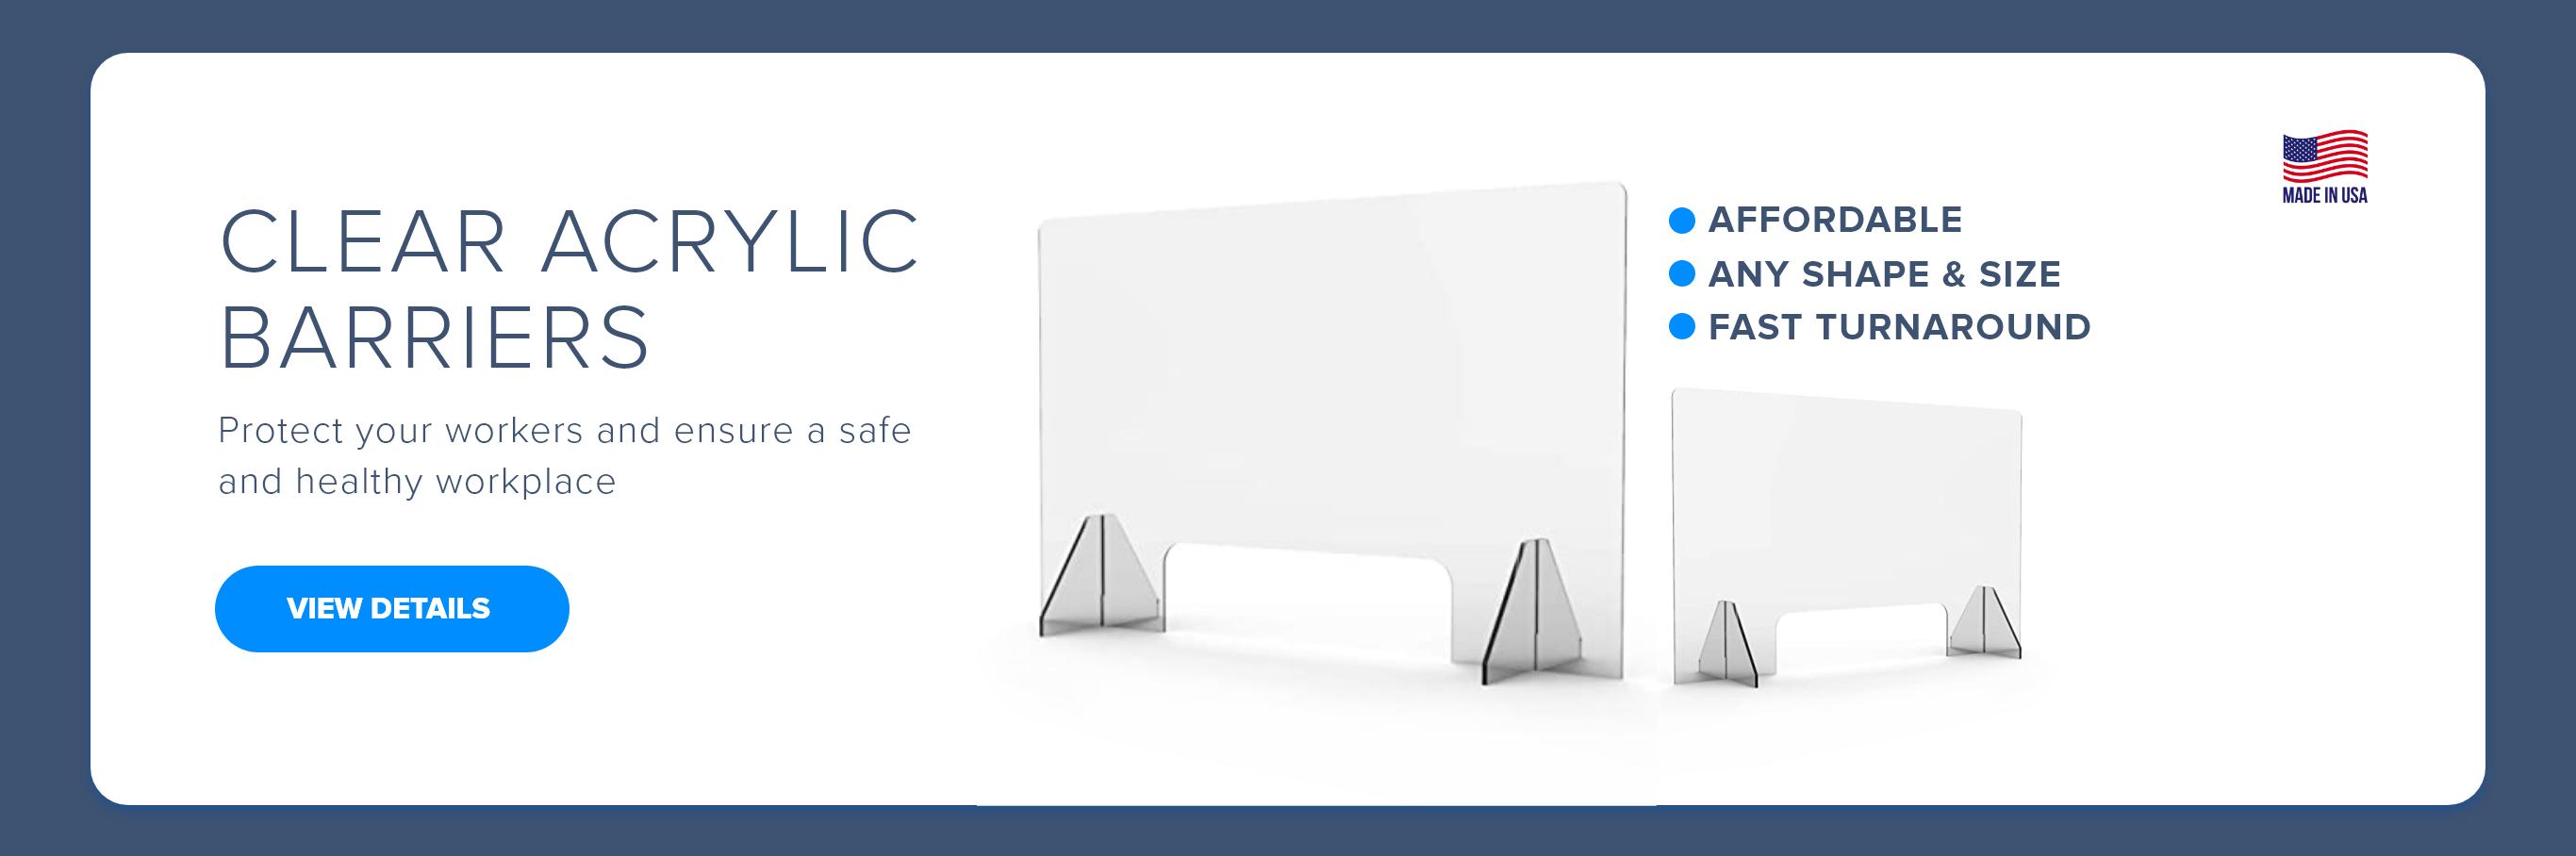 Clear Acrylic Barriers